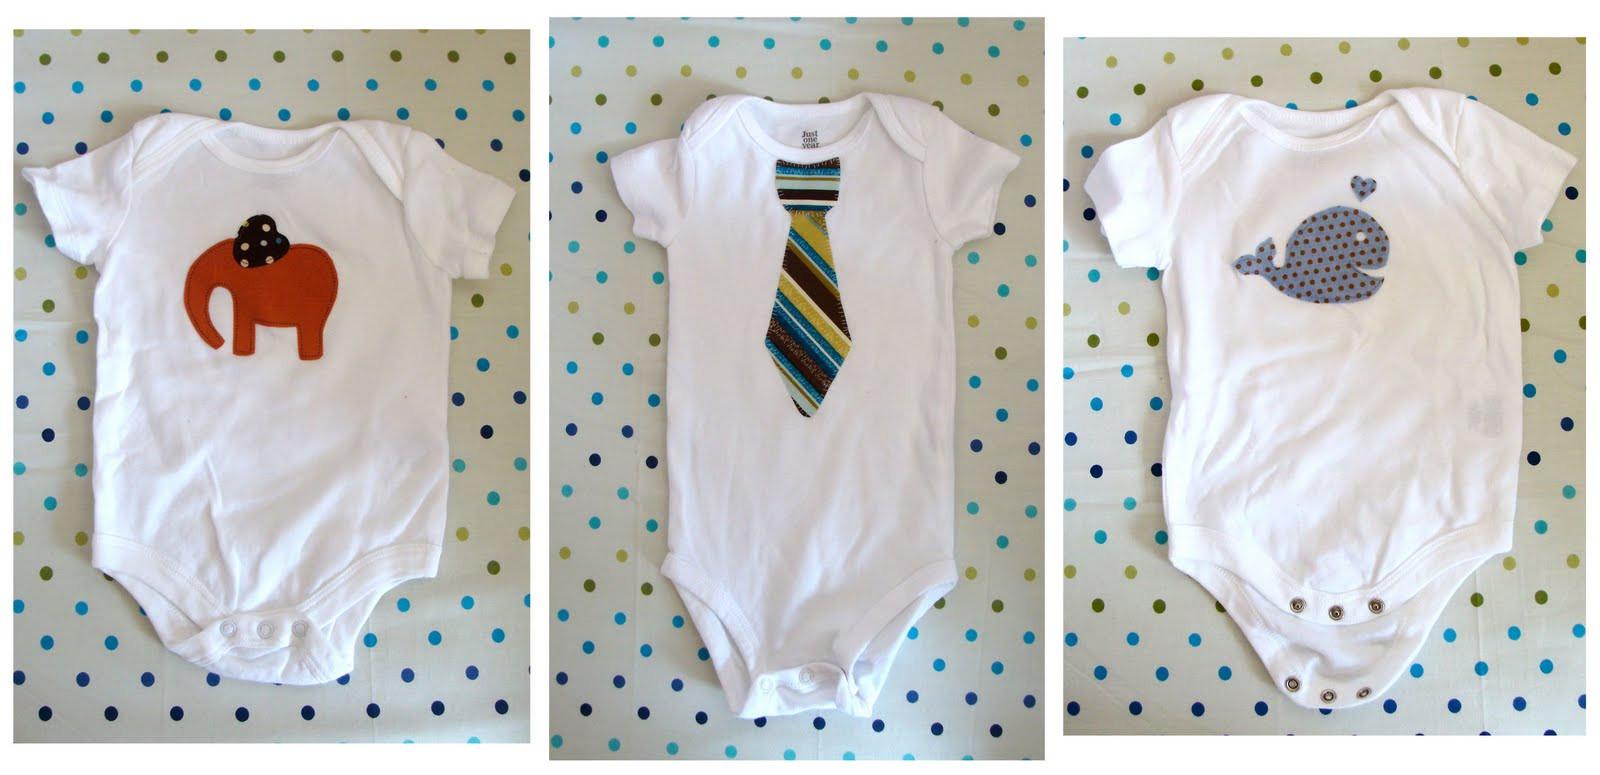 Best ideas about DIY Baby Onesies . Save or Pin december twentieth DIY esies Now.